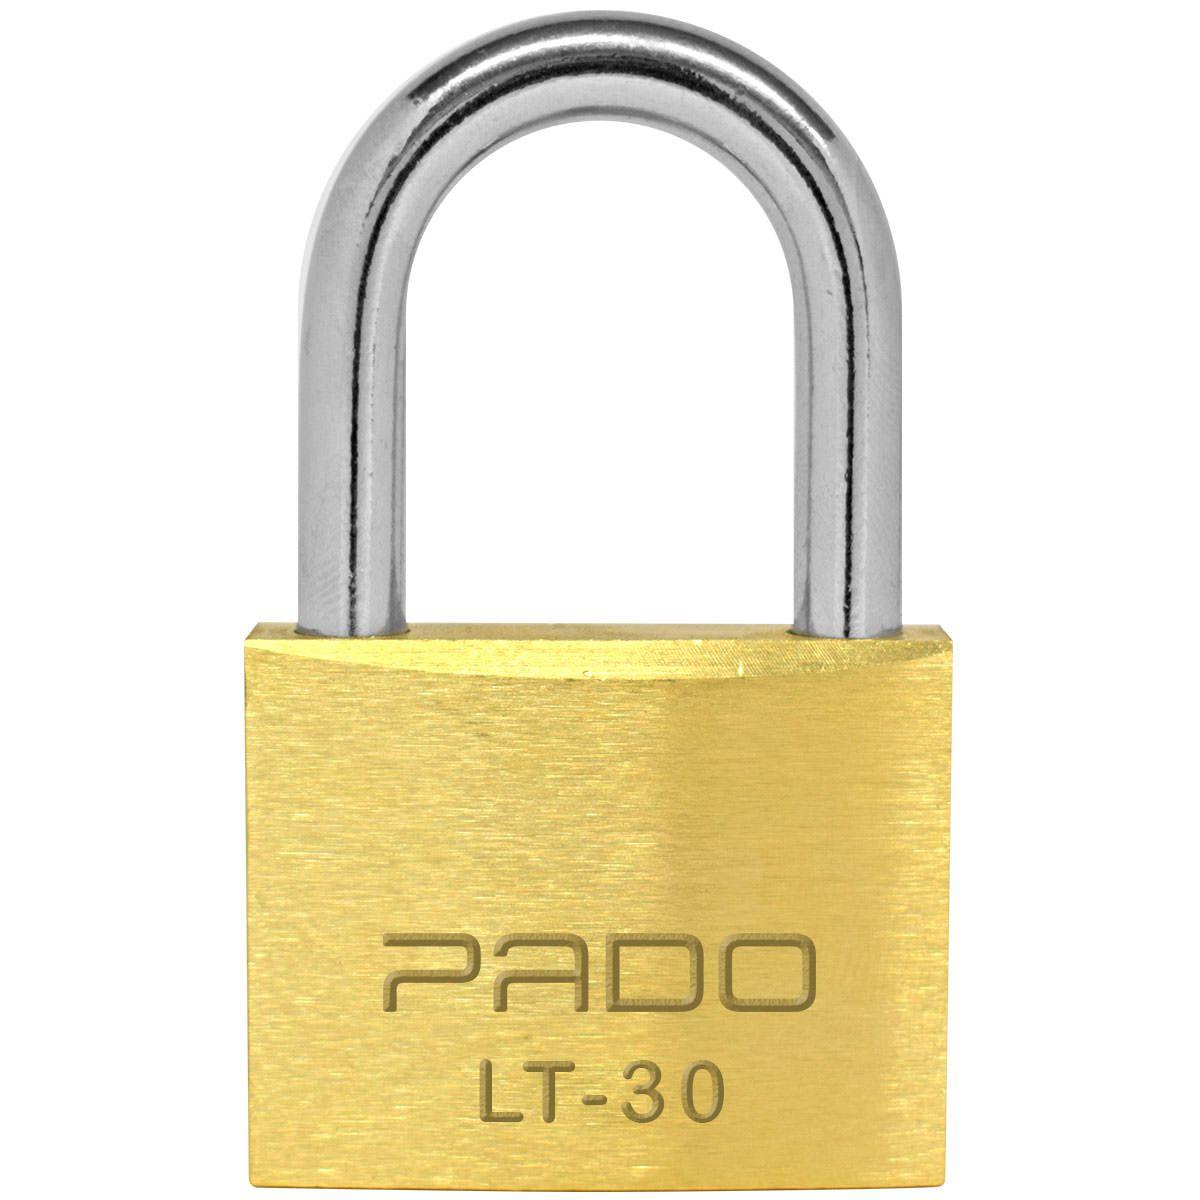 Cadeado LT - 30mm - PADO   - Pensou Filtros